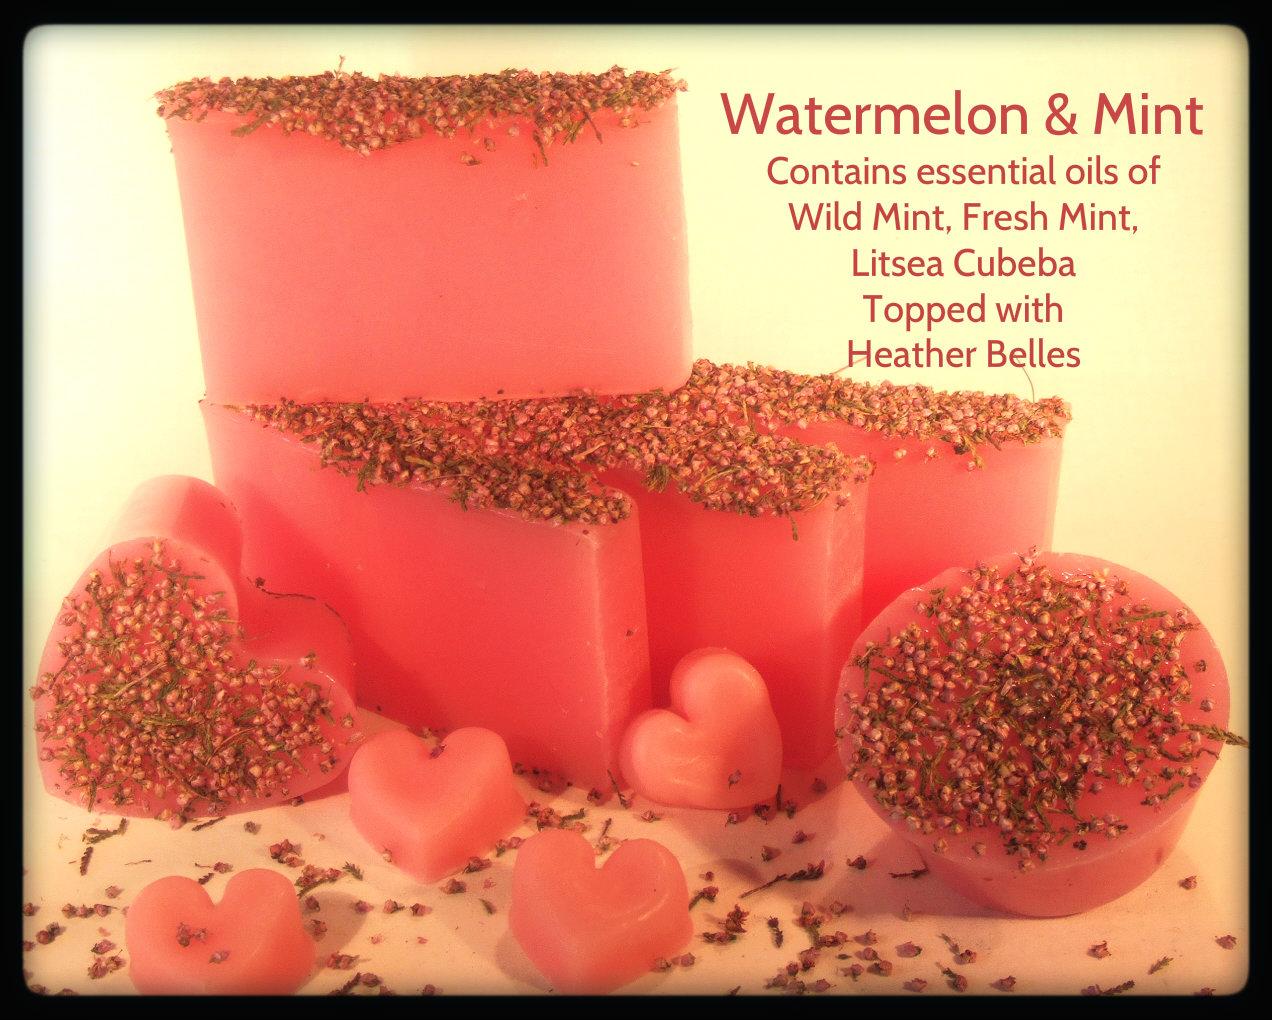 Watermelon & Mint